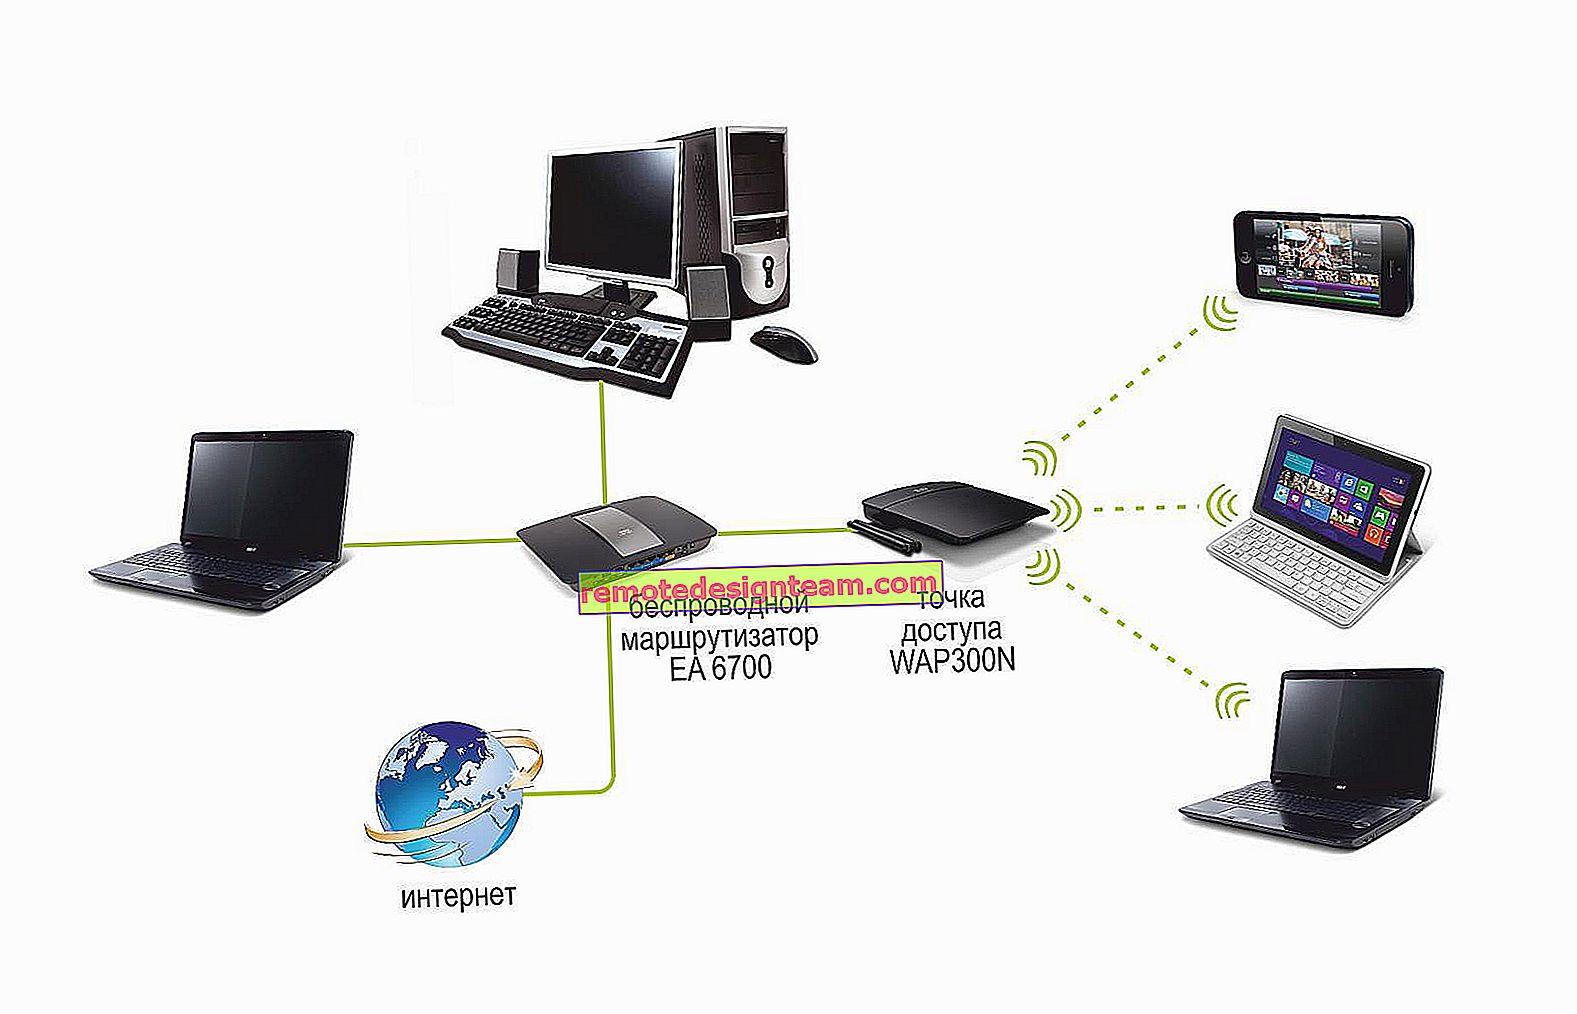 Prędkość Internetu jest niższa w przypadku Wi-Fi. Dlaczego router zmniejsza prędkość?